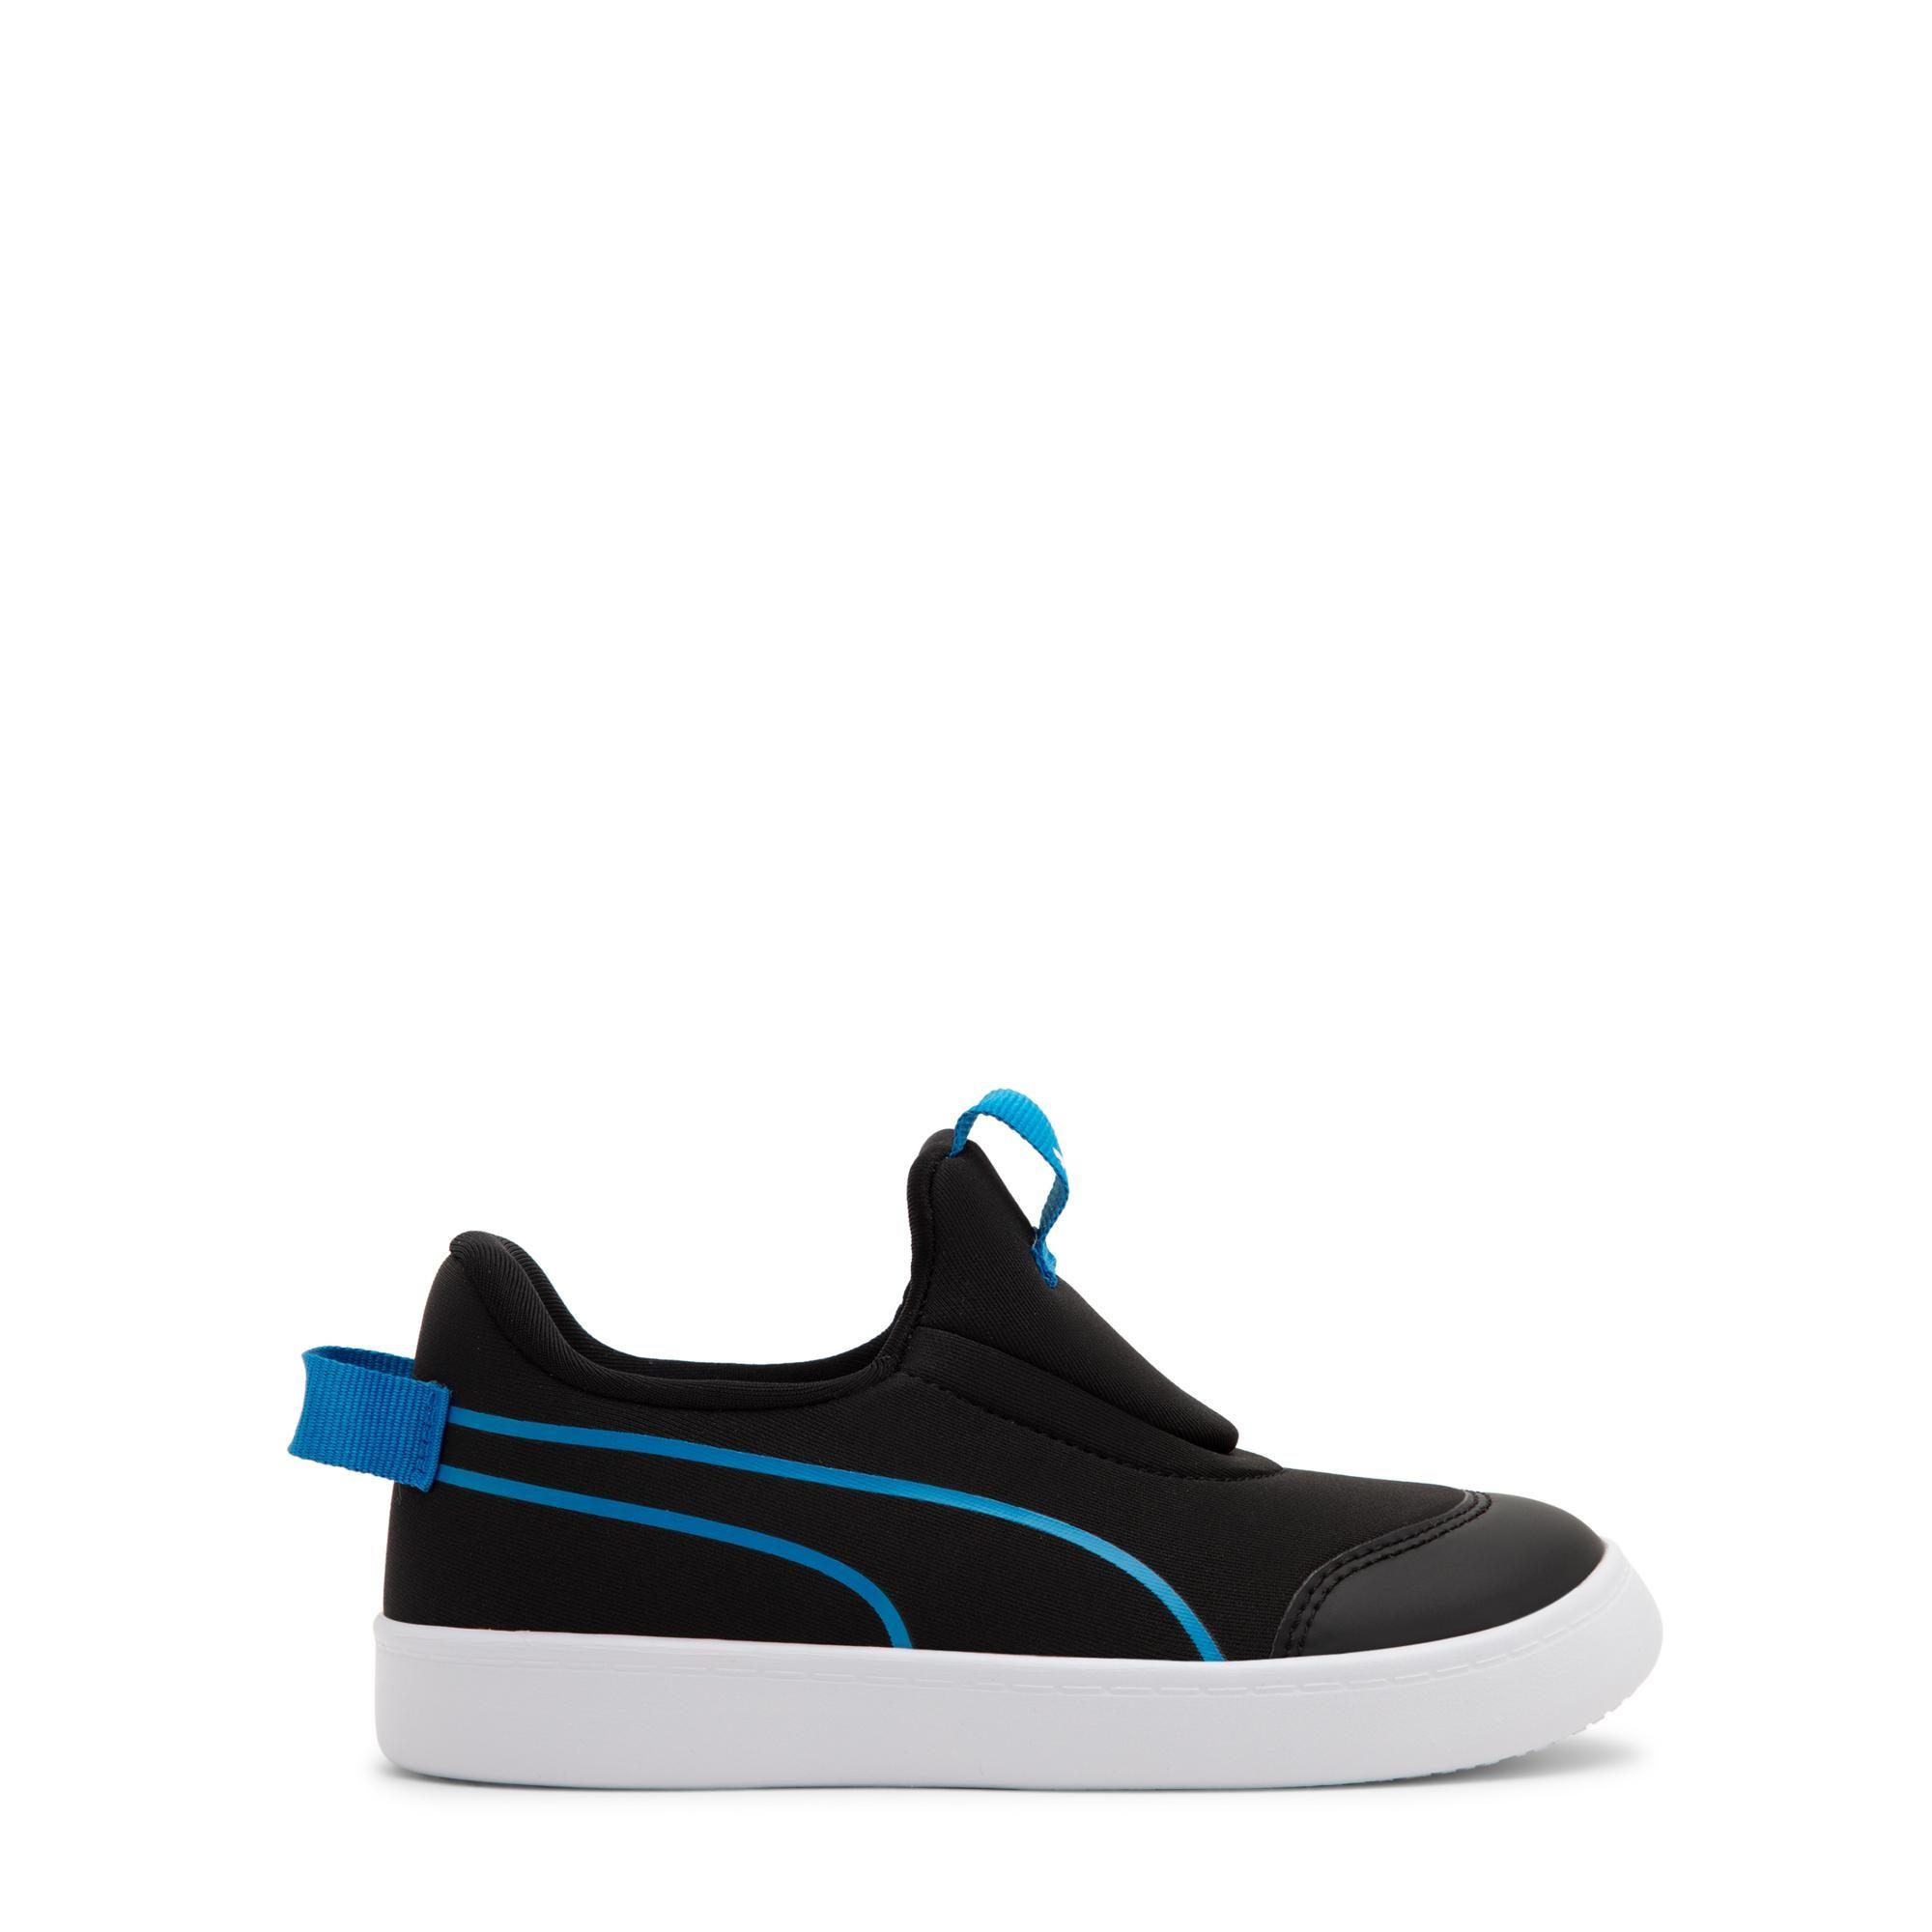 حذاء كورت فليكس في 2 الرياضي بدون أربطة